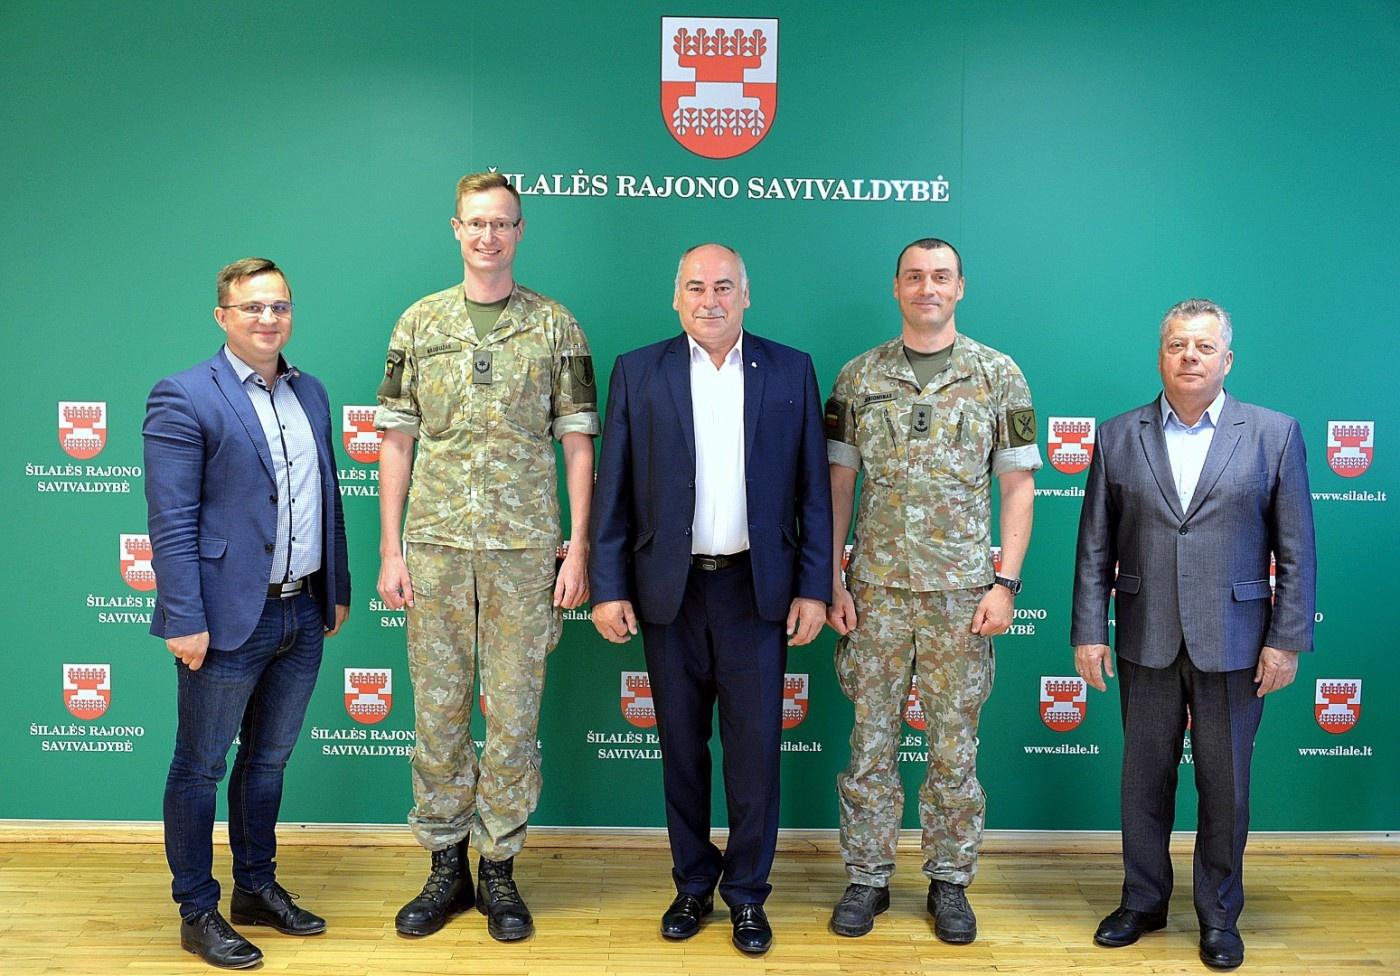 Šilalės savivaldybės vadovai susipažino su būsimu Pajūrio bataliono vadu